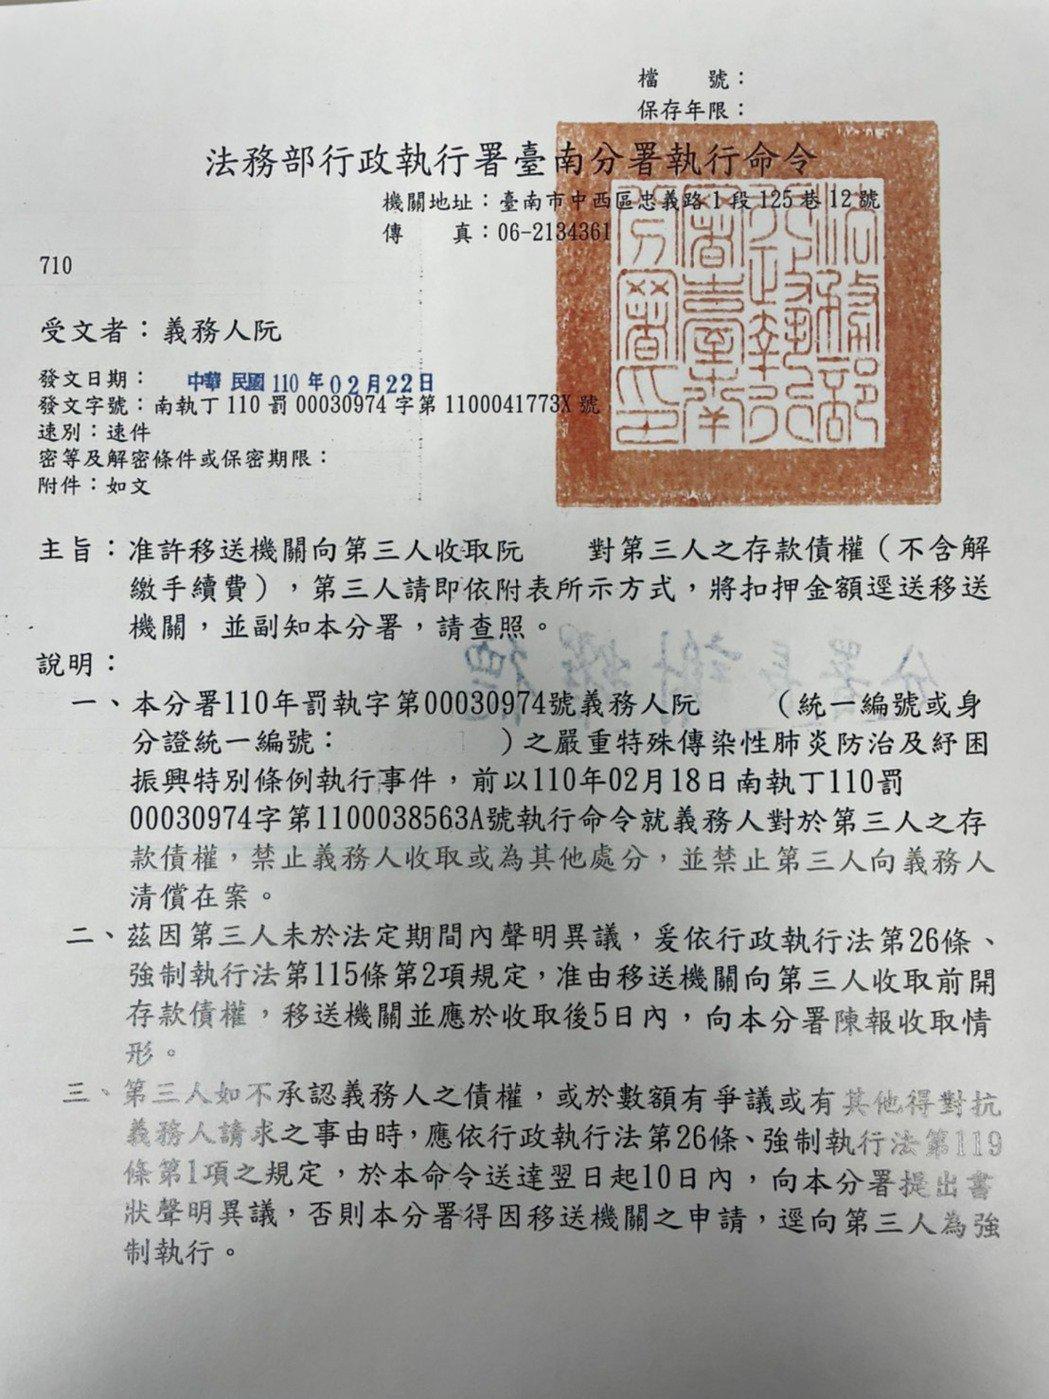 阮女違反居家檢疫規定被台南市衛生局裁罰10萬元,逾期不履行,經移送行政執行署台南...